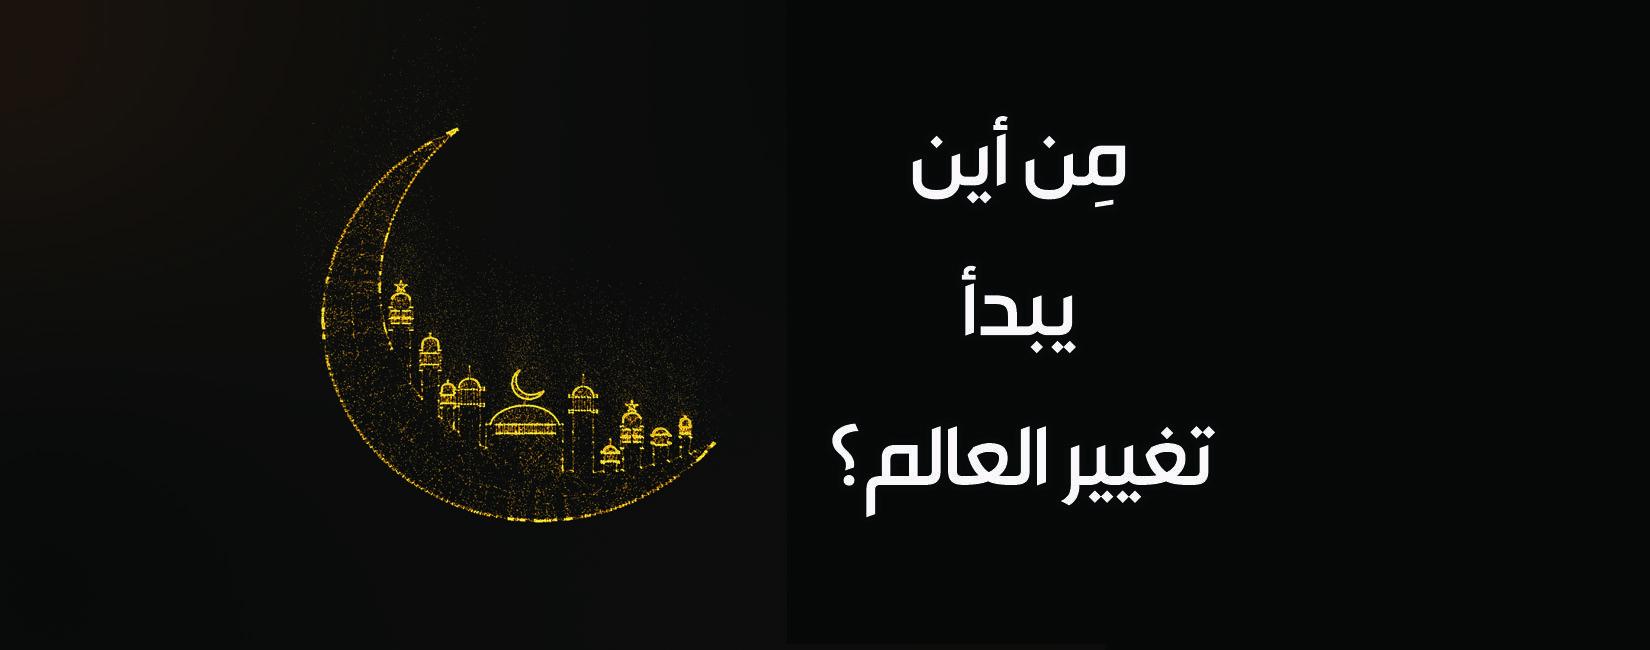 عرض موجز لعدد ابريل 2021 رمضان 1442